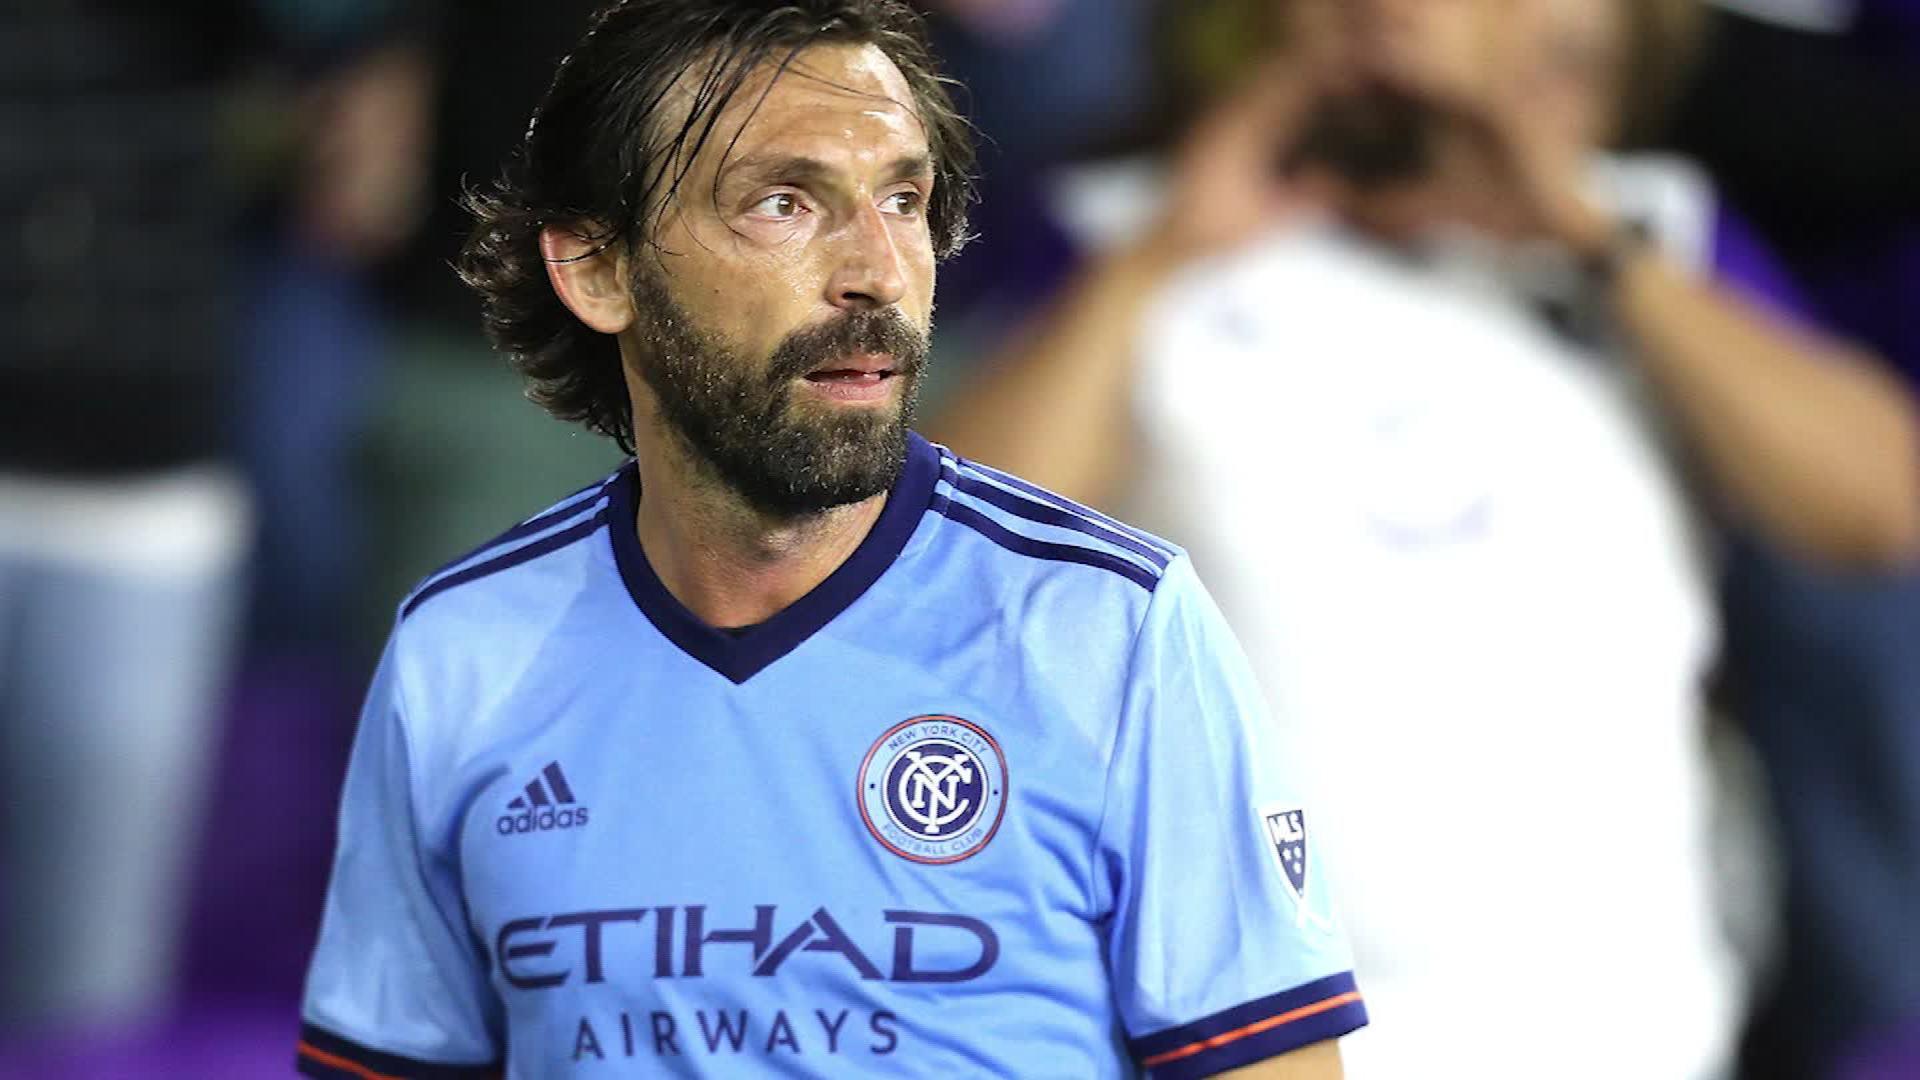 Copa90 on Andrea Pirlo s retirement CNN Video